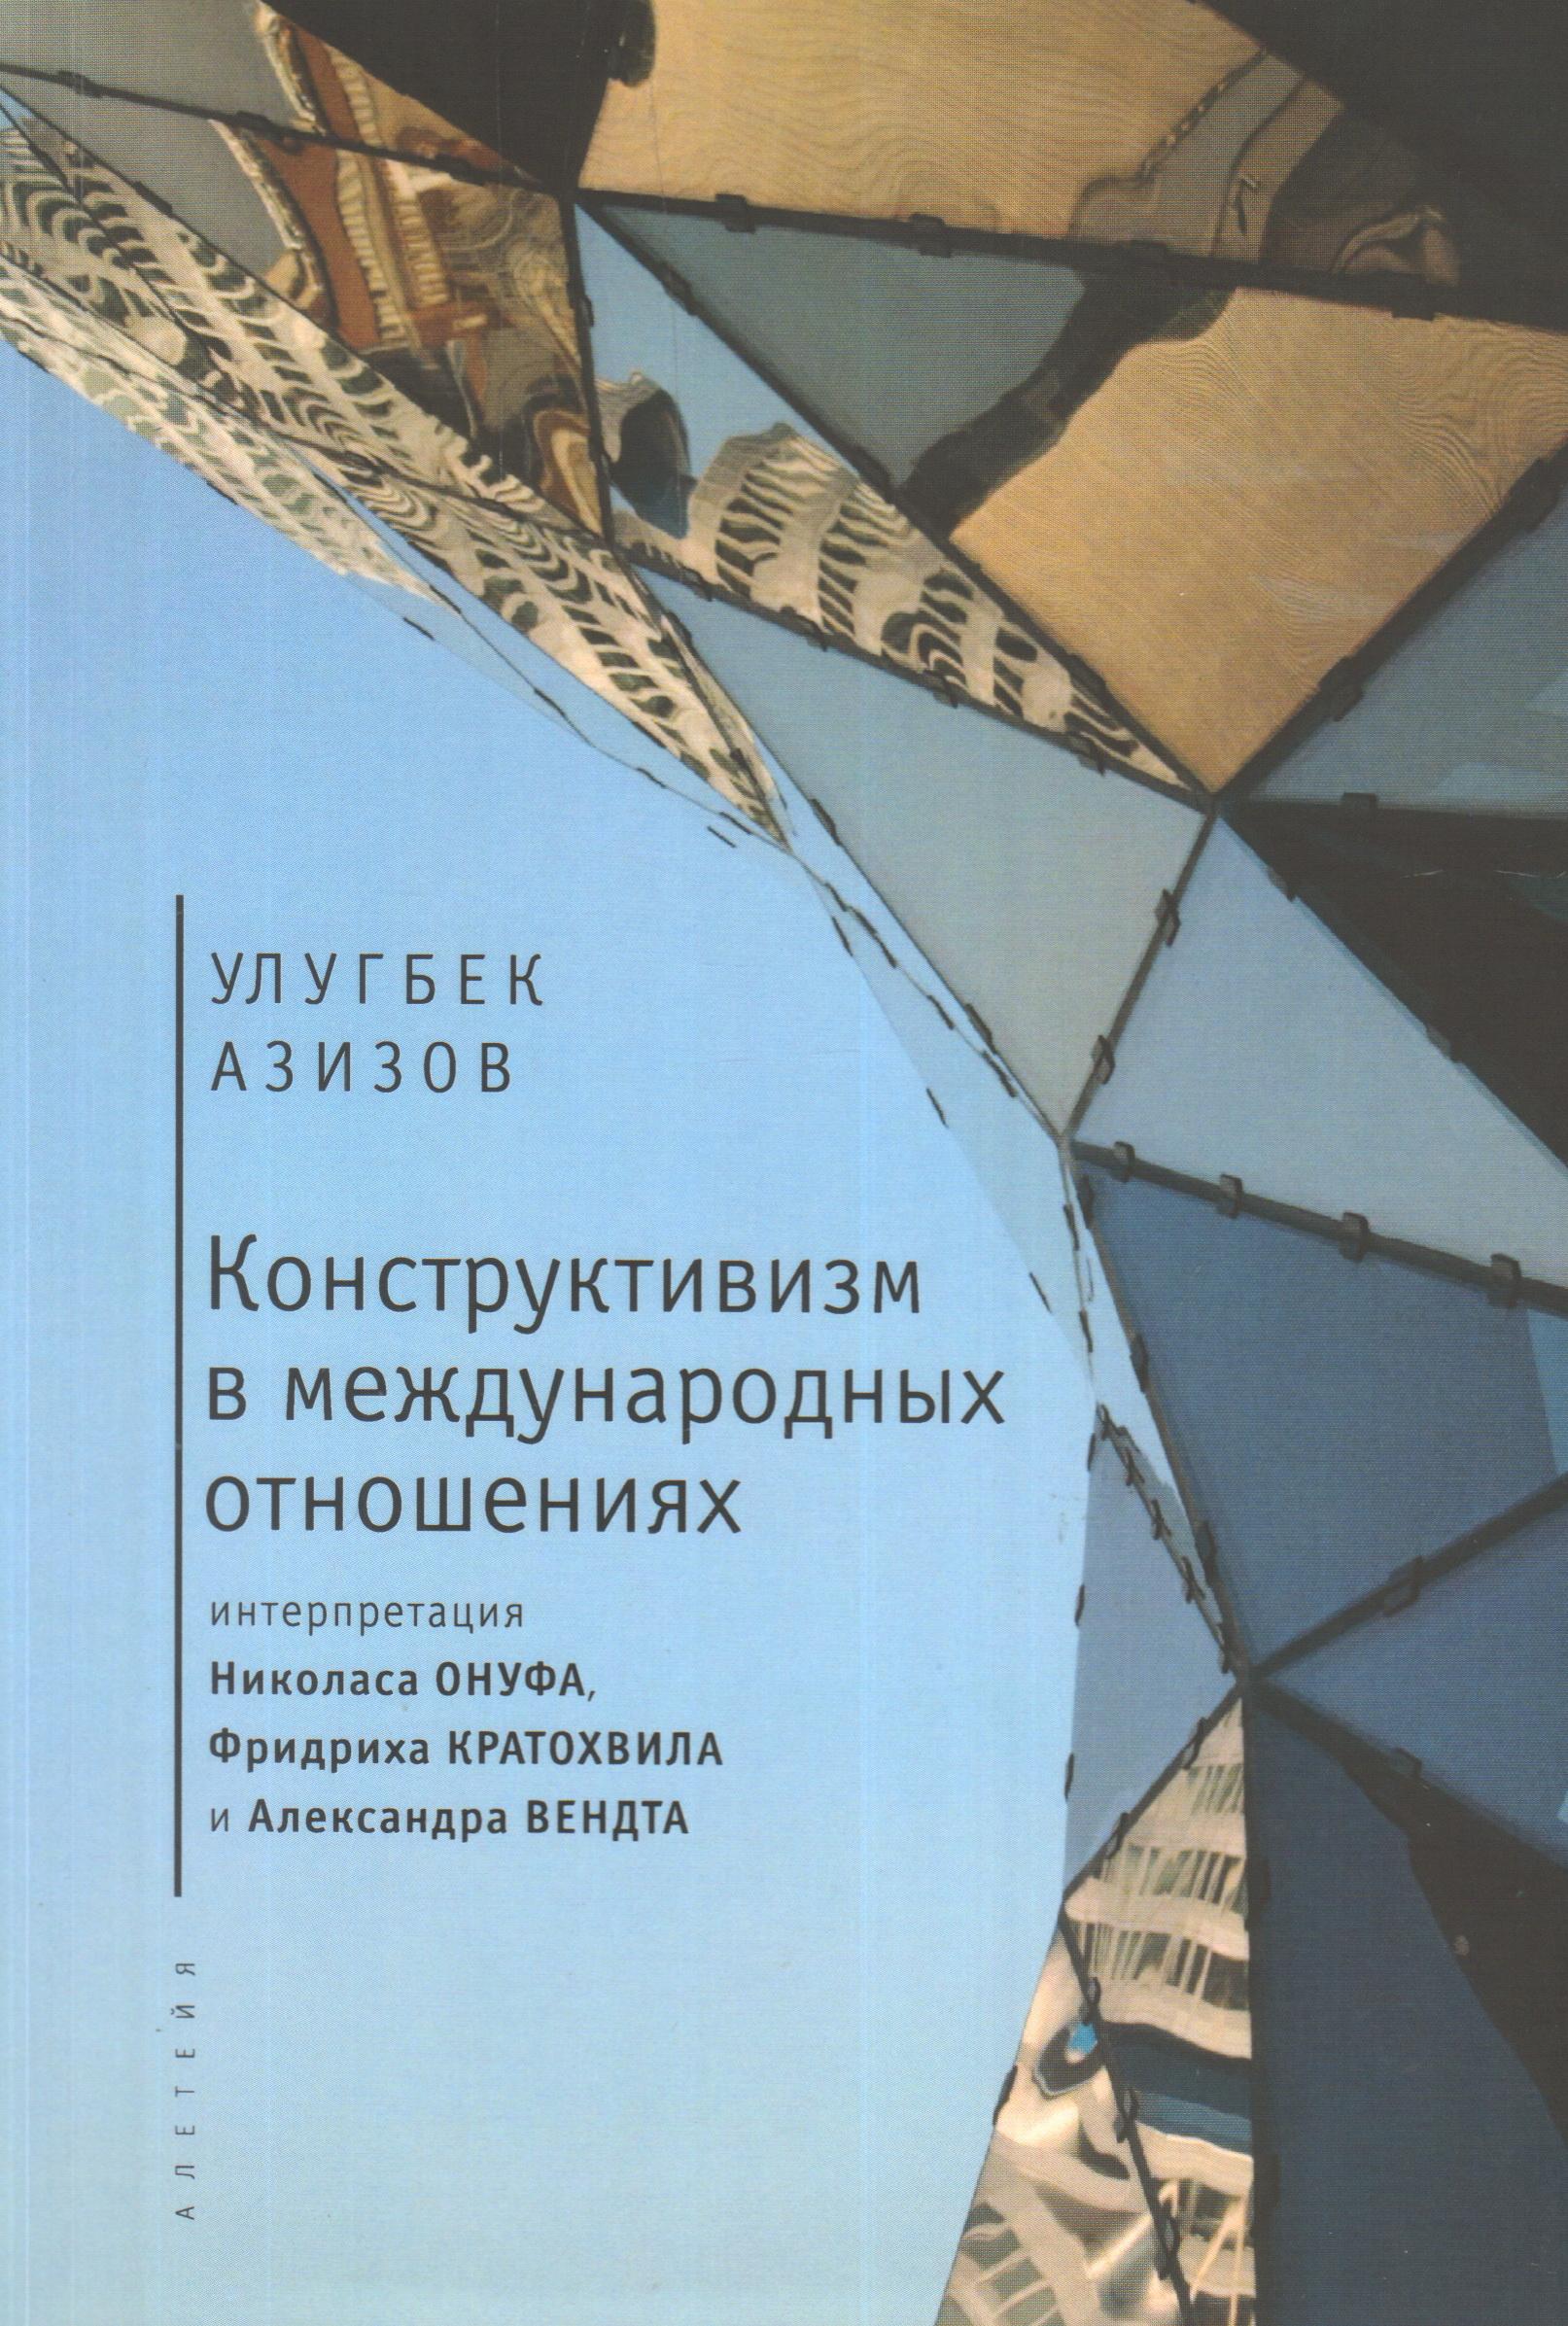 Конструктивизм в международных отношениях: интерпретация Николаса Онуфа, Фридриха Кратохвила